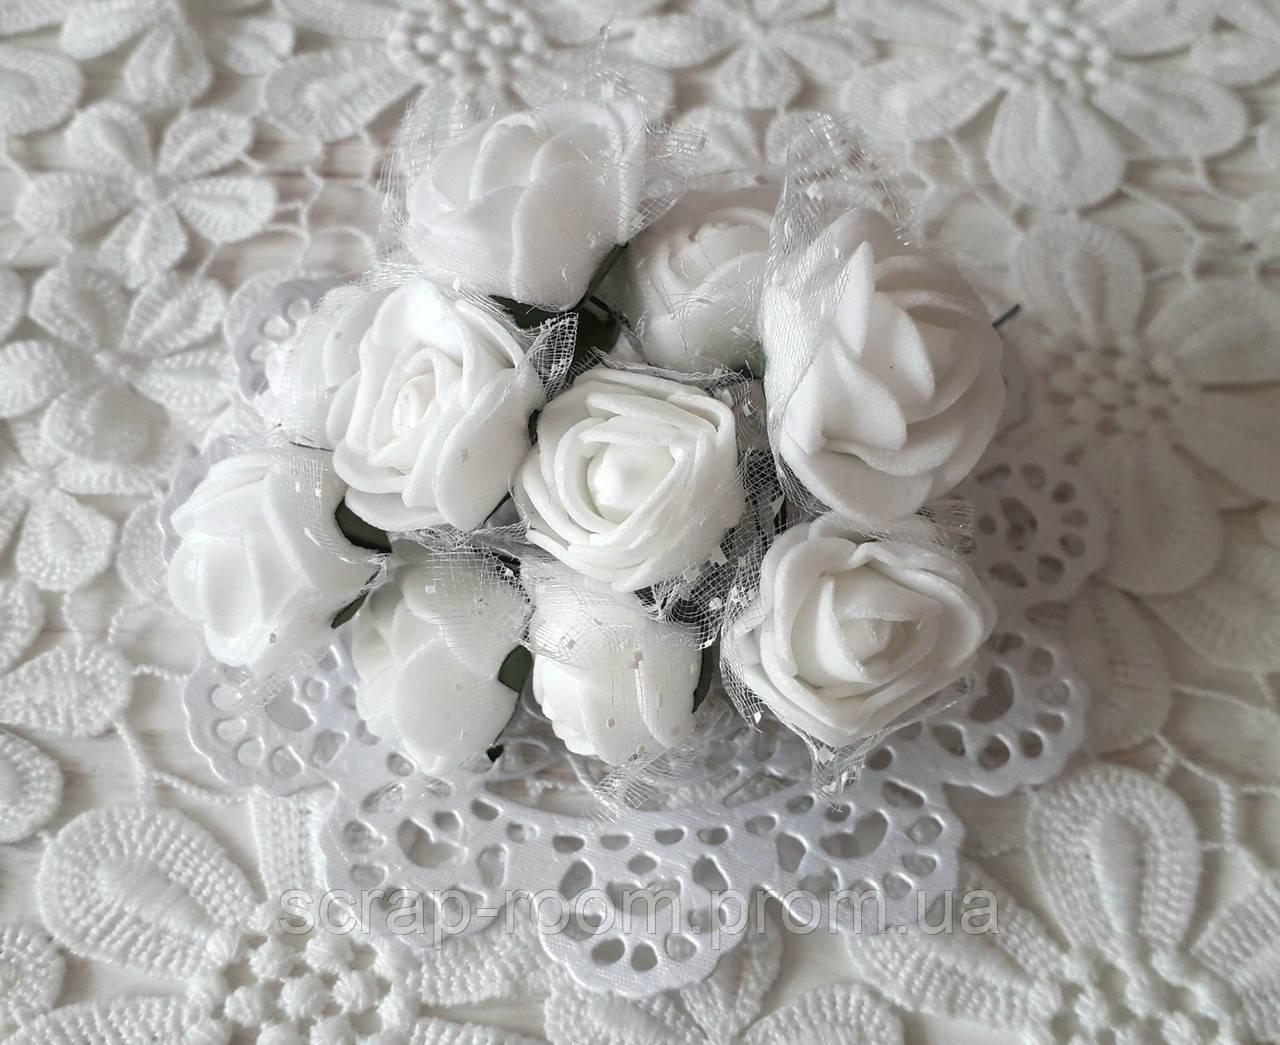 Розы латексные с фатином белые, белые розы, розы белые фатин, букет 12 шт